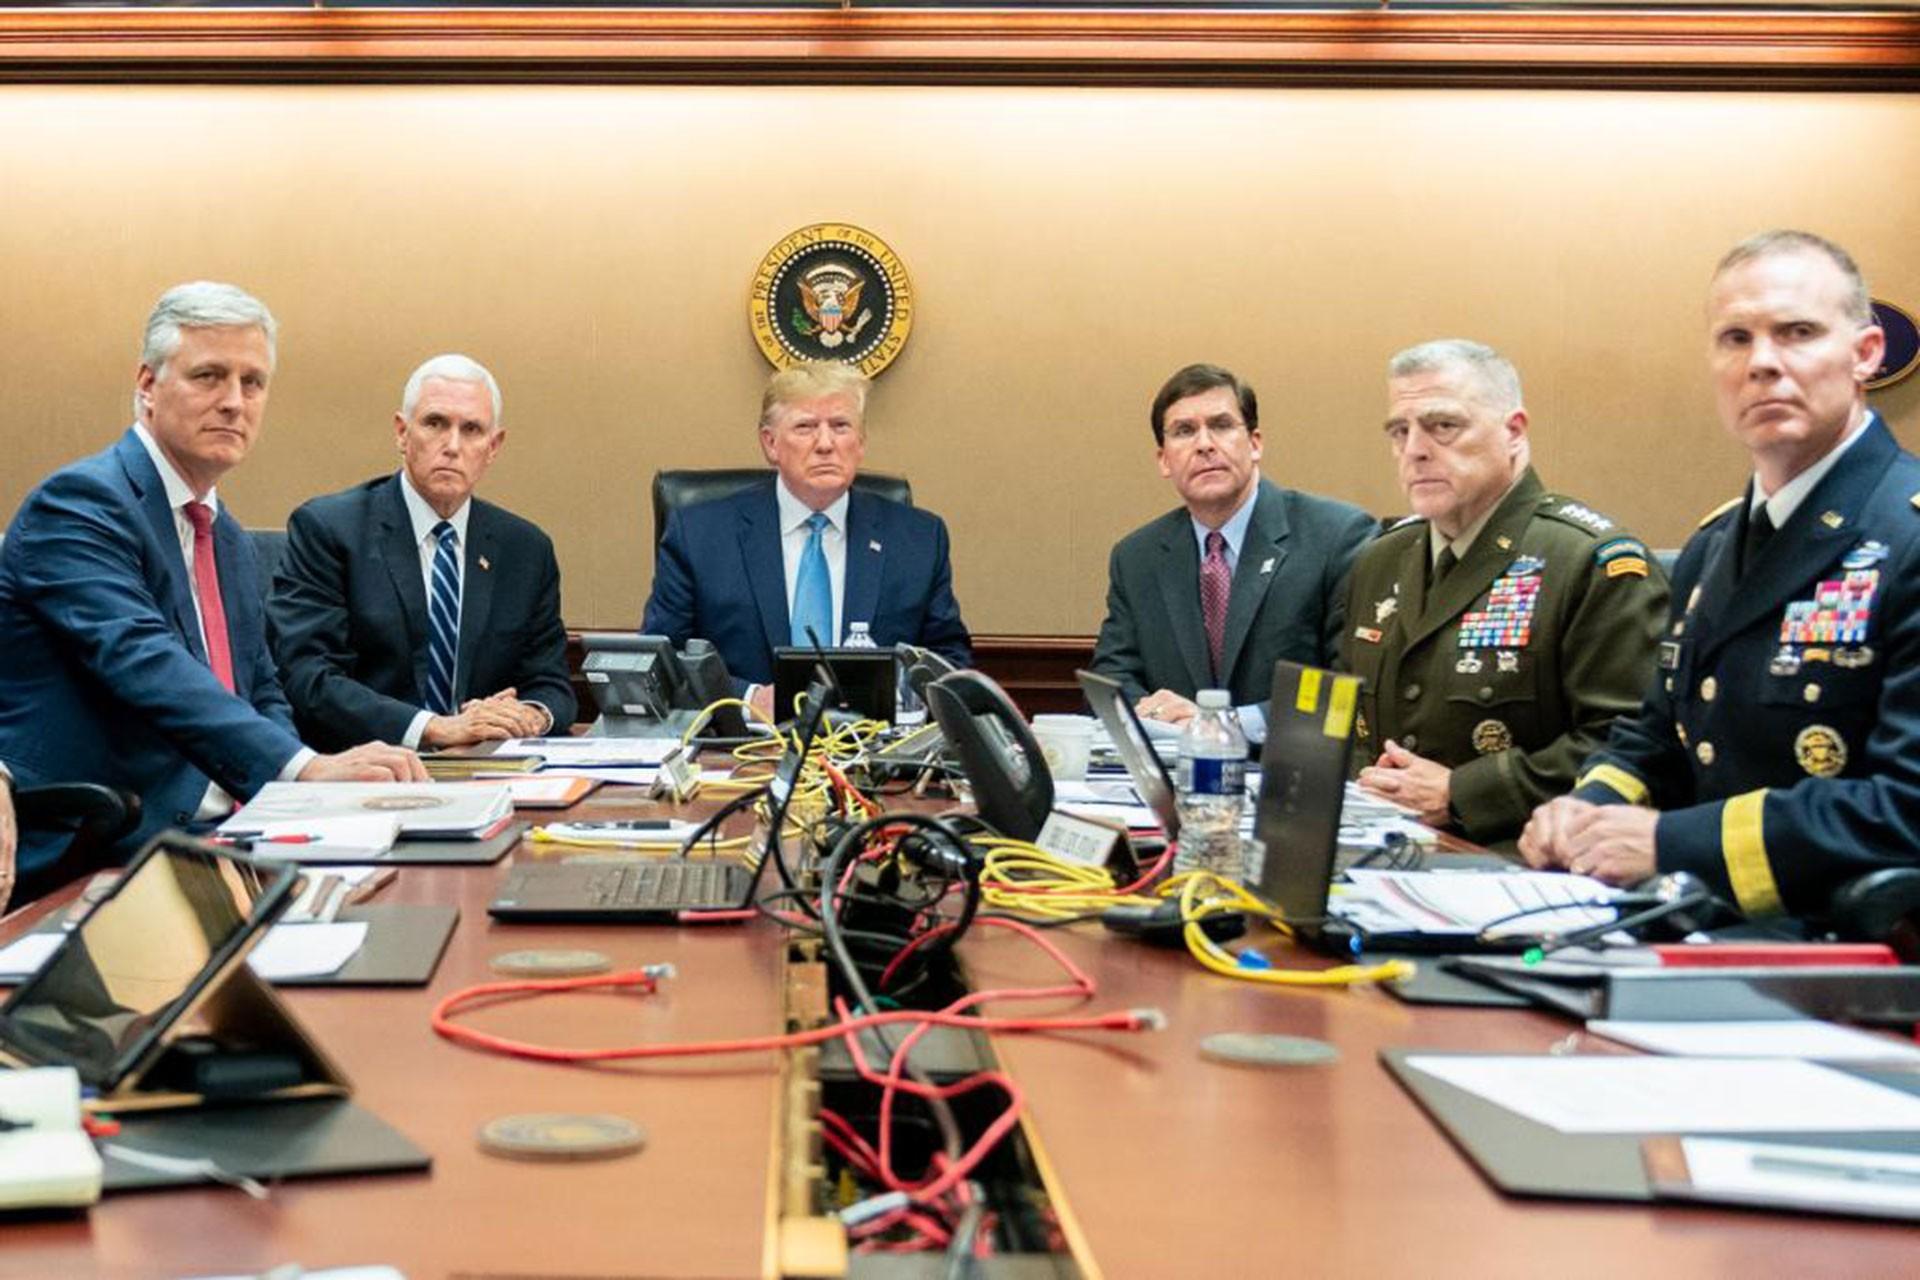 Trump kurmaylarıyla birlikte operasyonu izlerken